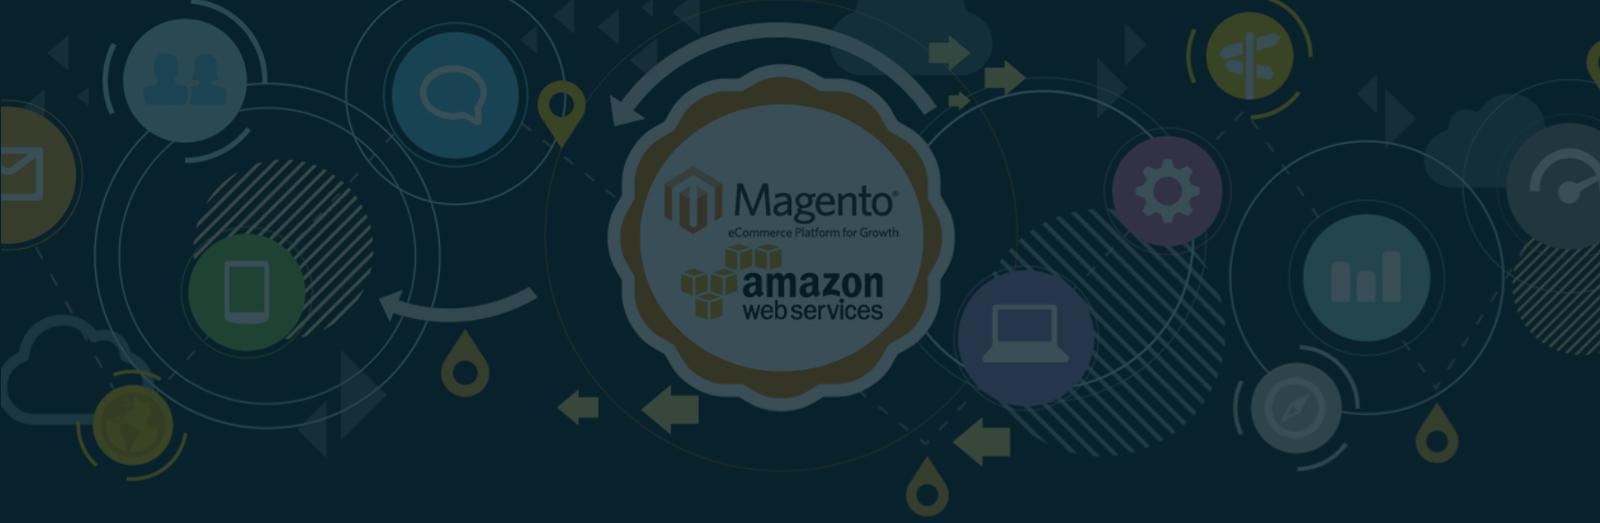 98dbe47b056dc Hospede sua loja Magento na Amazon AWS com a Trezo